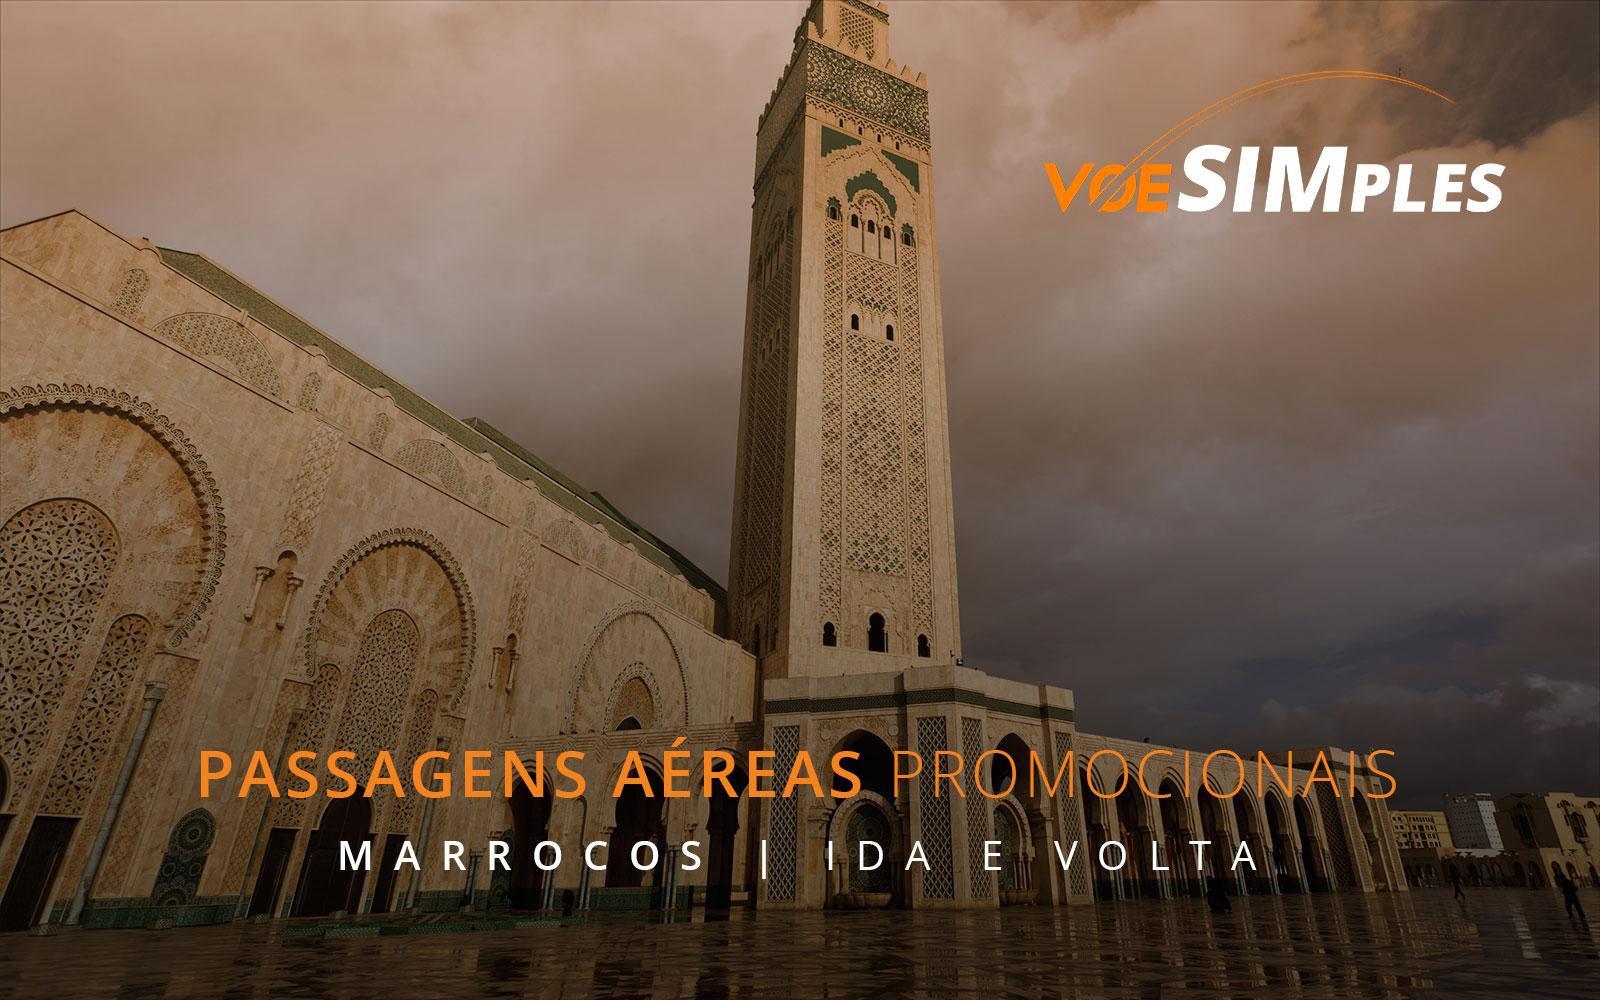 Passagens aéreas promocionais para Casablanca no Marrocos